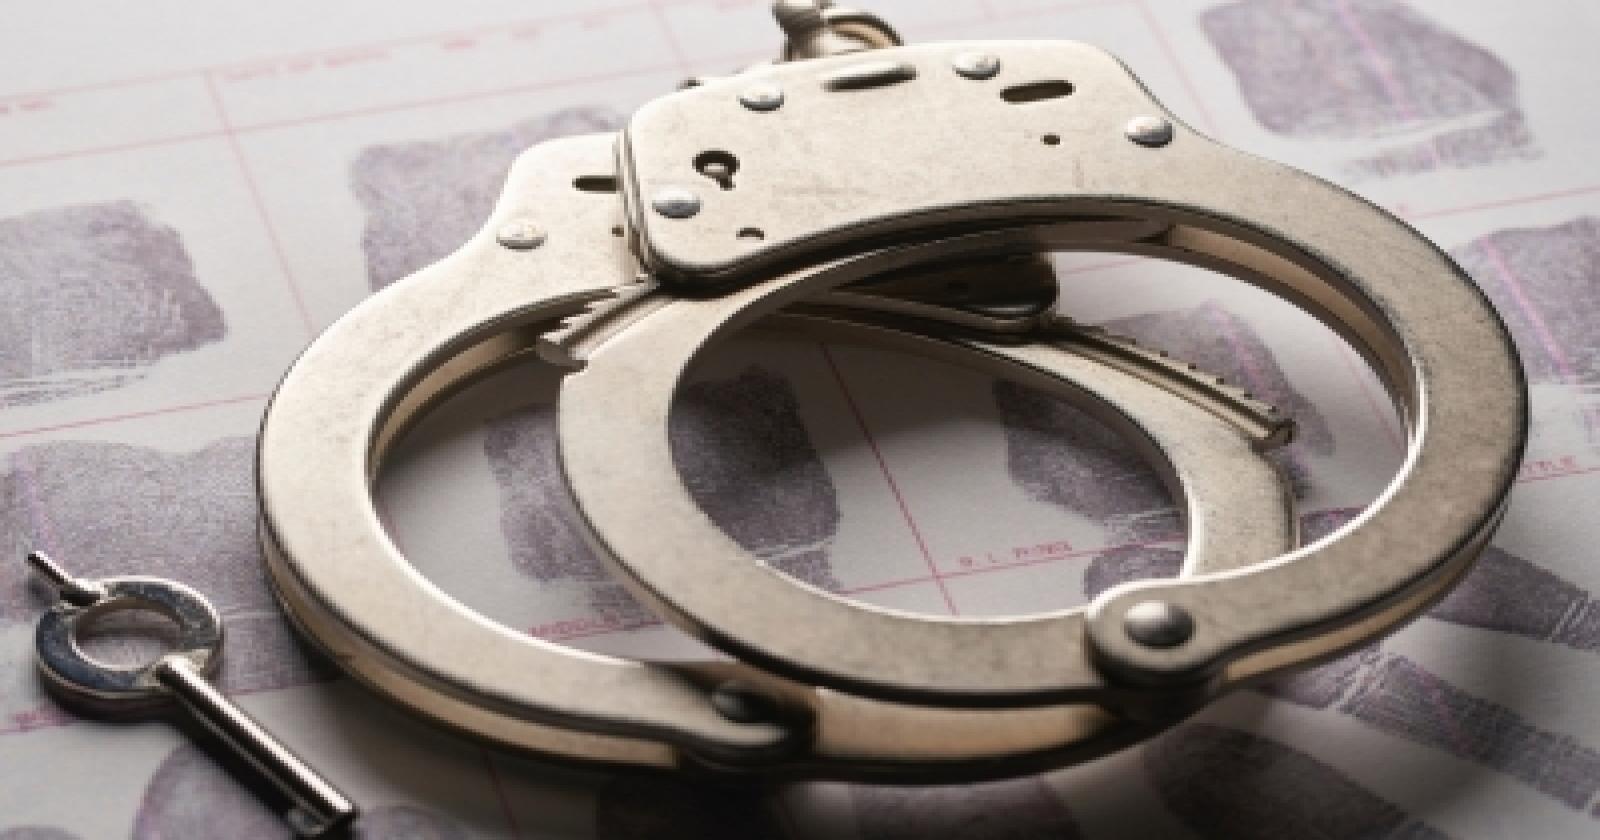 K'taka Police Bust Ganja Selling Racket, Seize 200 Kg Of Banned Substance-TeluguStop.com